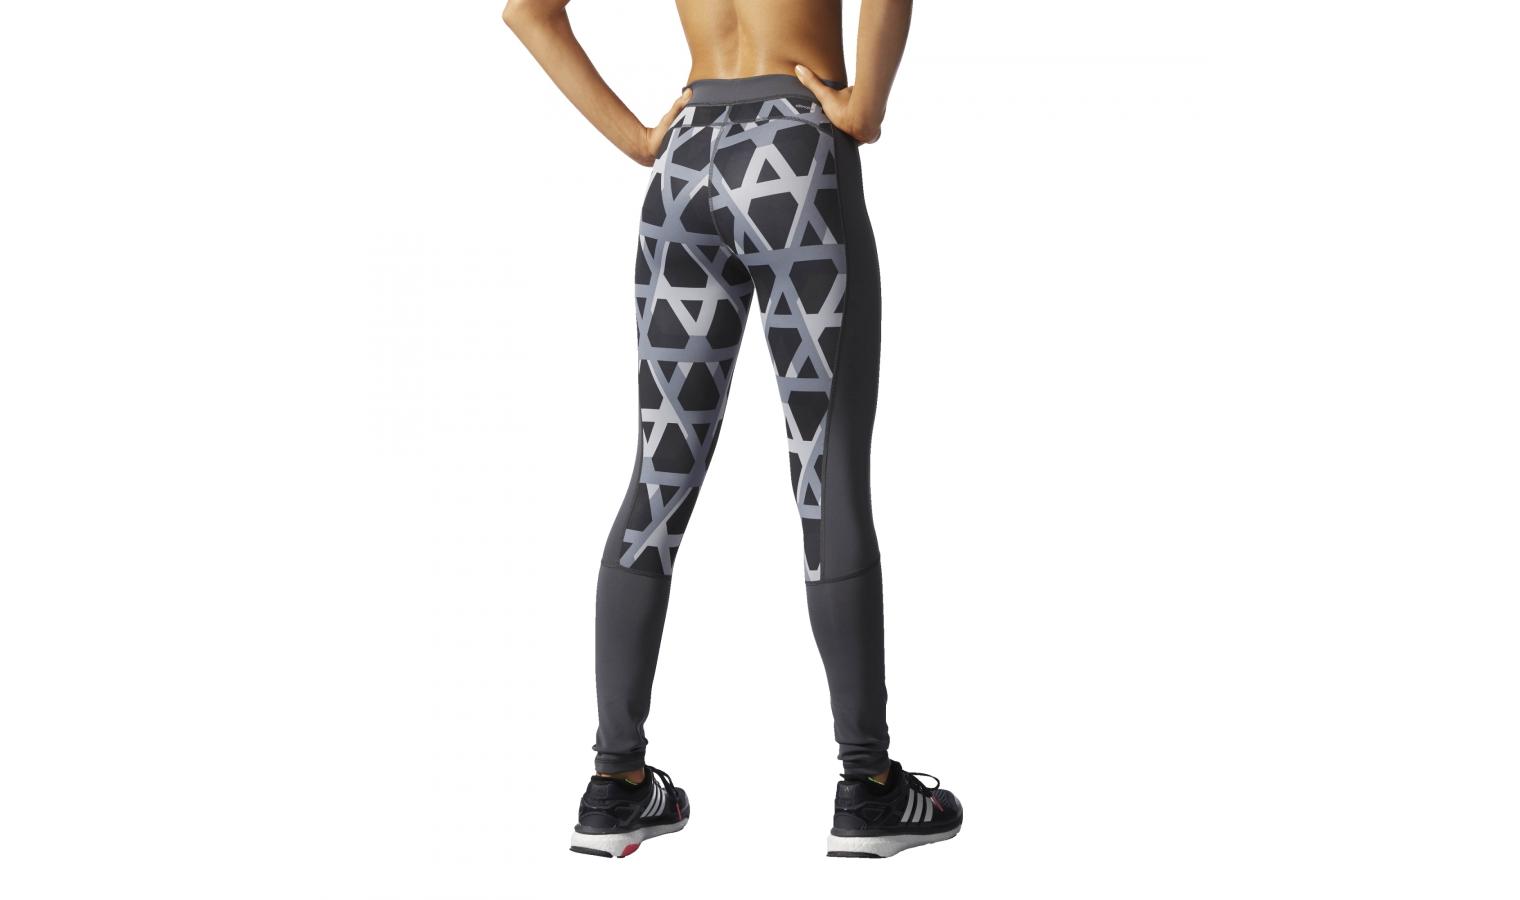 33f18cfa99684 Dámske športové legíny adidas TECHFIT LONG TIGHT PRINT šedé | AD ...